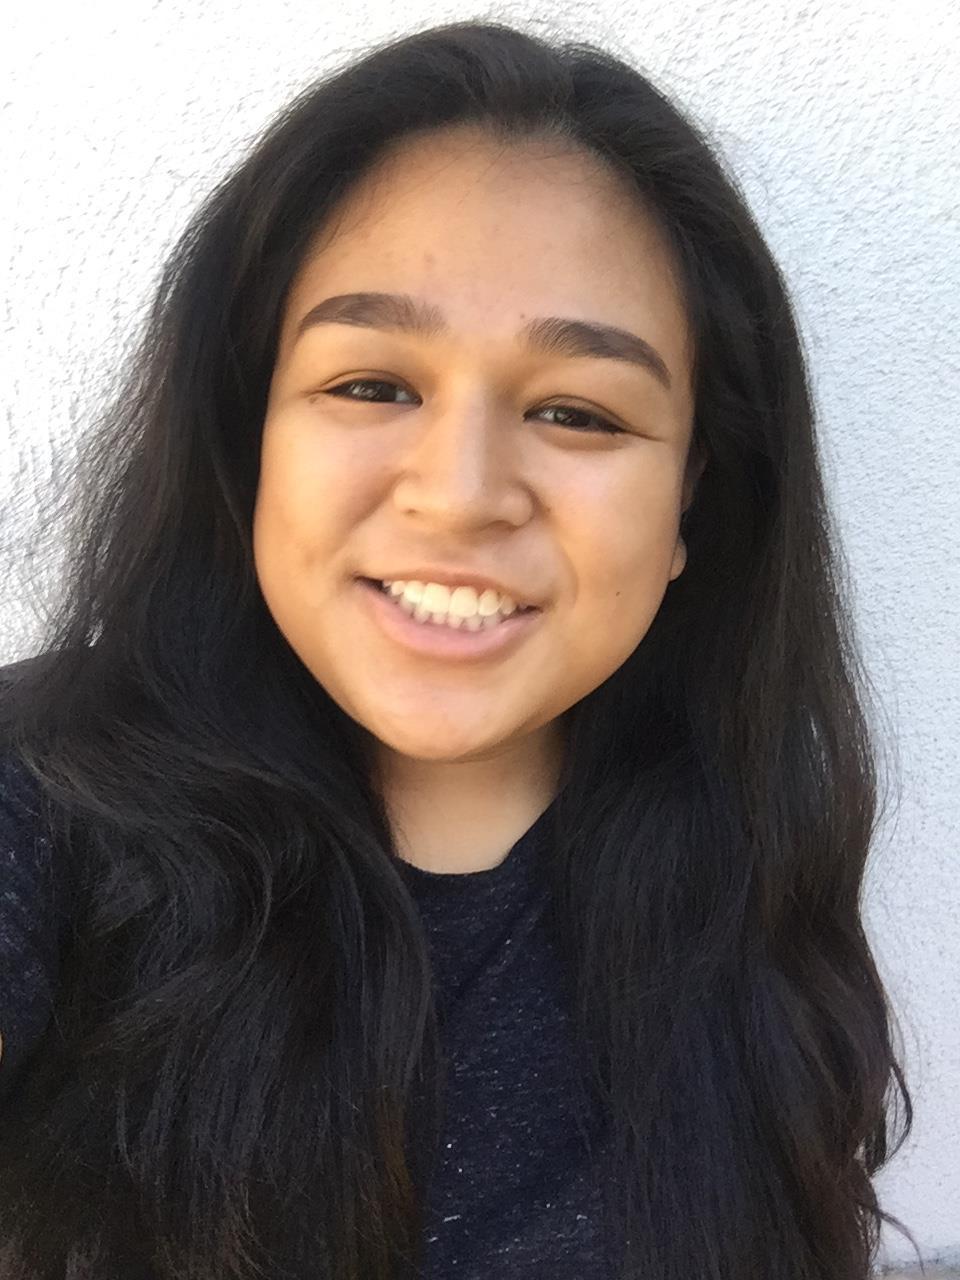 Photo of Audrey Parayno